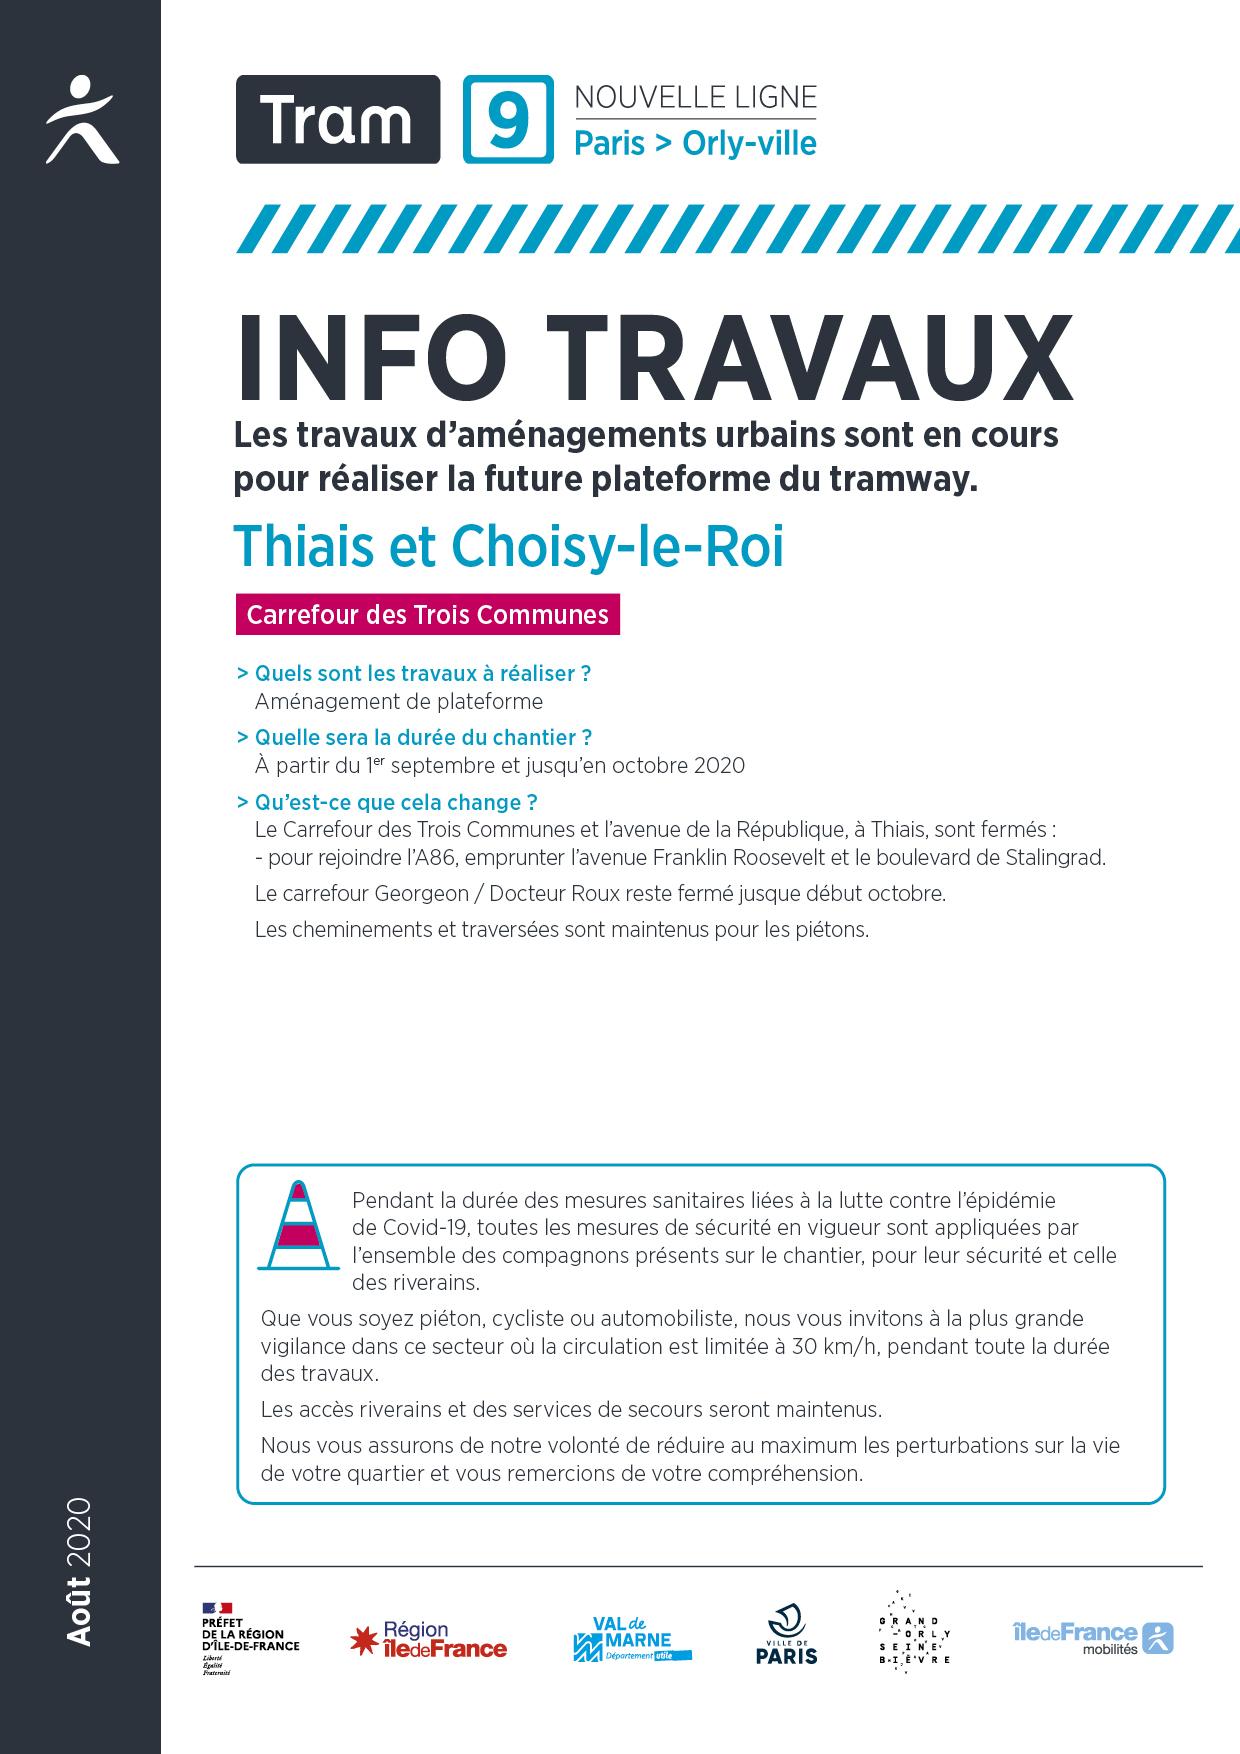 Les travaux à Thiais et à Choisy-le-Roi, septembre 2020